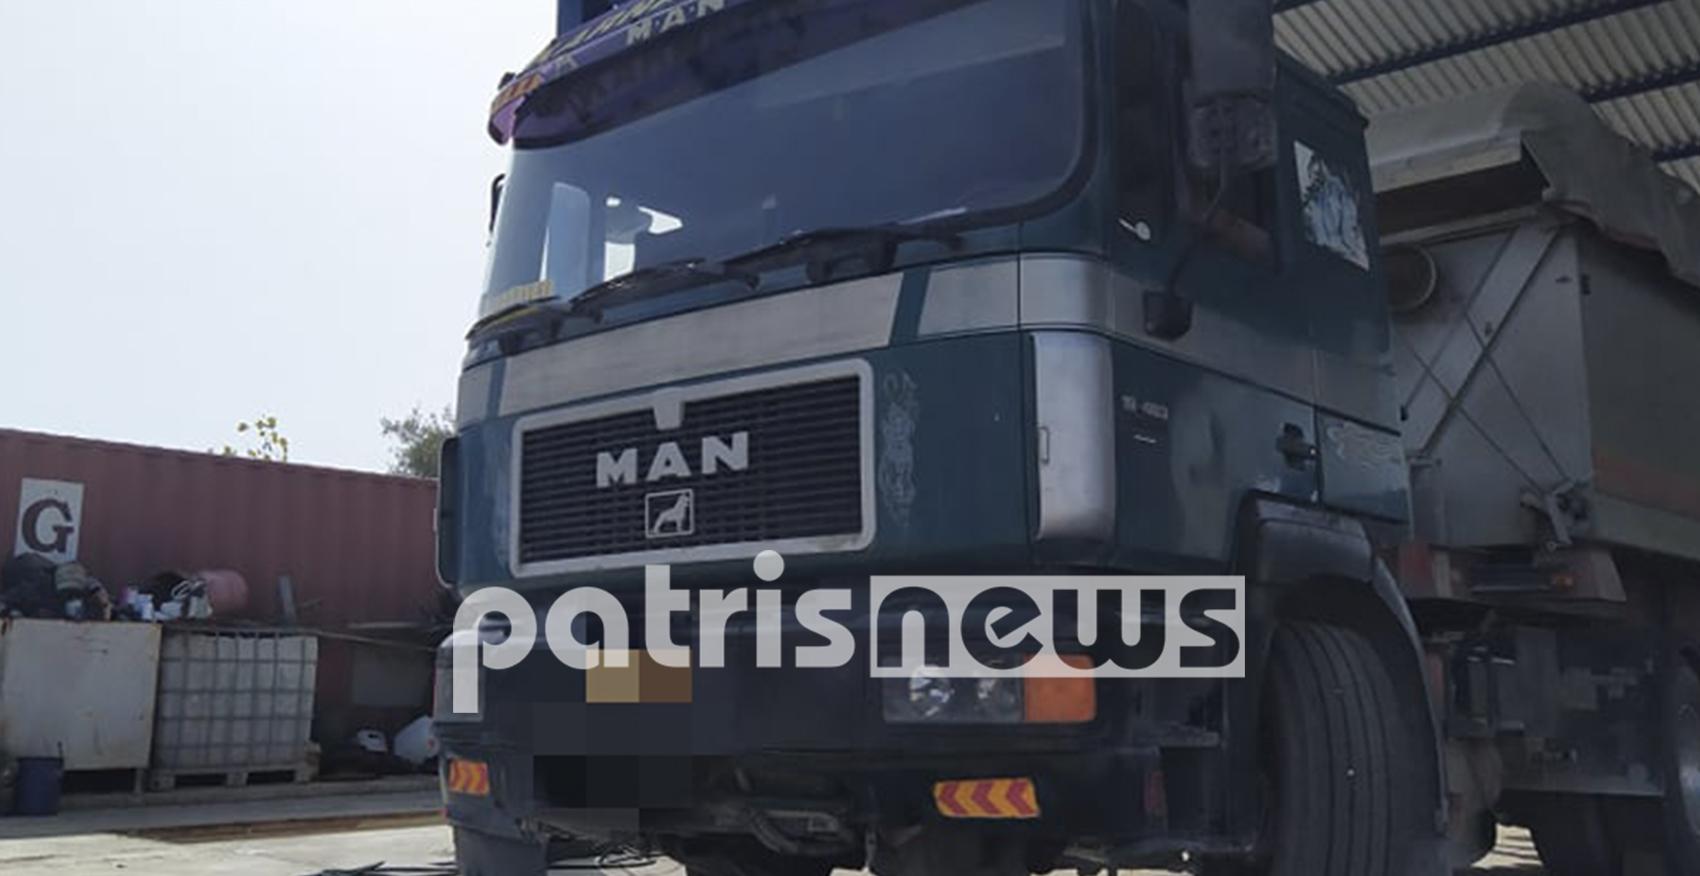 Σοβαρό τροχαίο στον Πύργο: Οδηγός μηχανής βρέθηκε κάτω από τις ρόδες νταλίκας